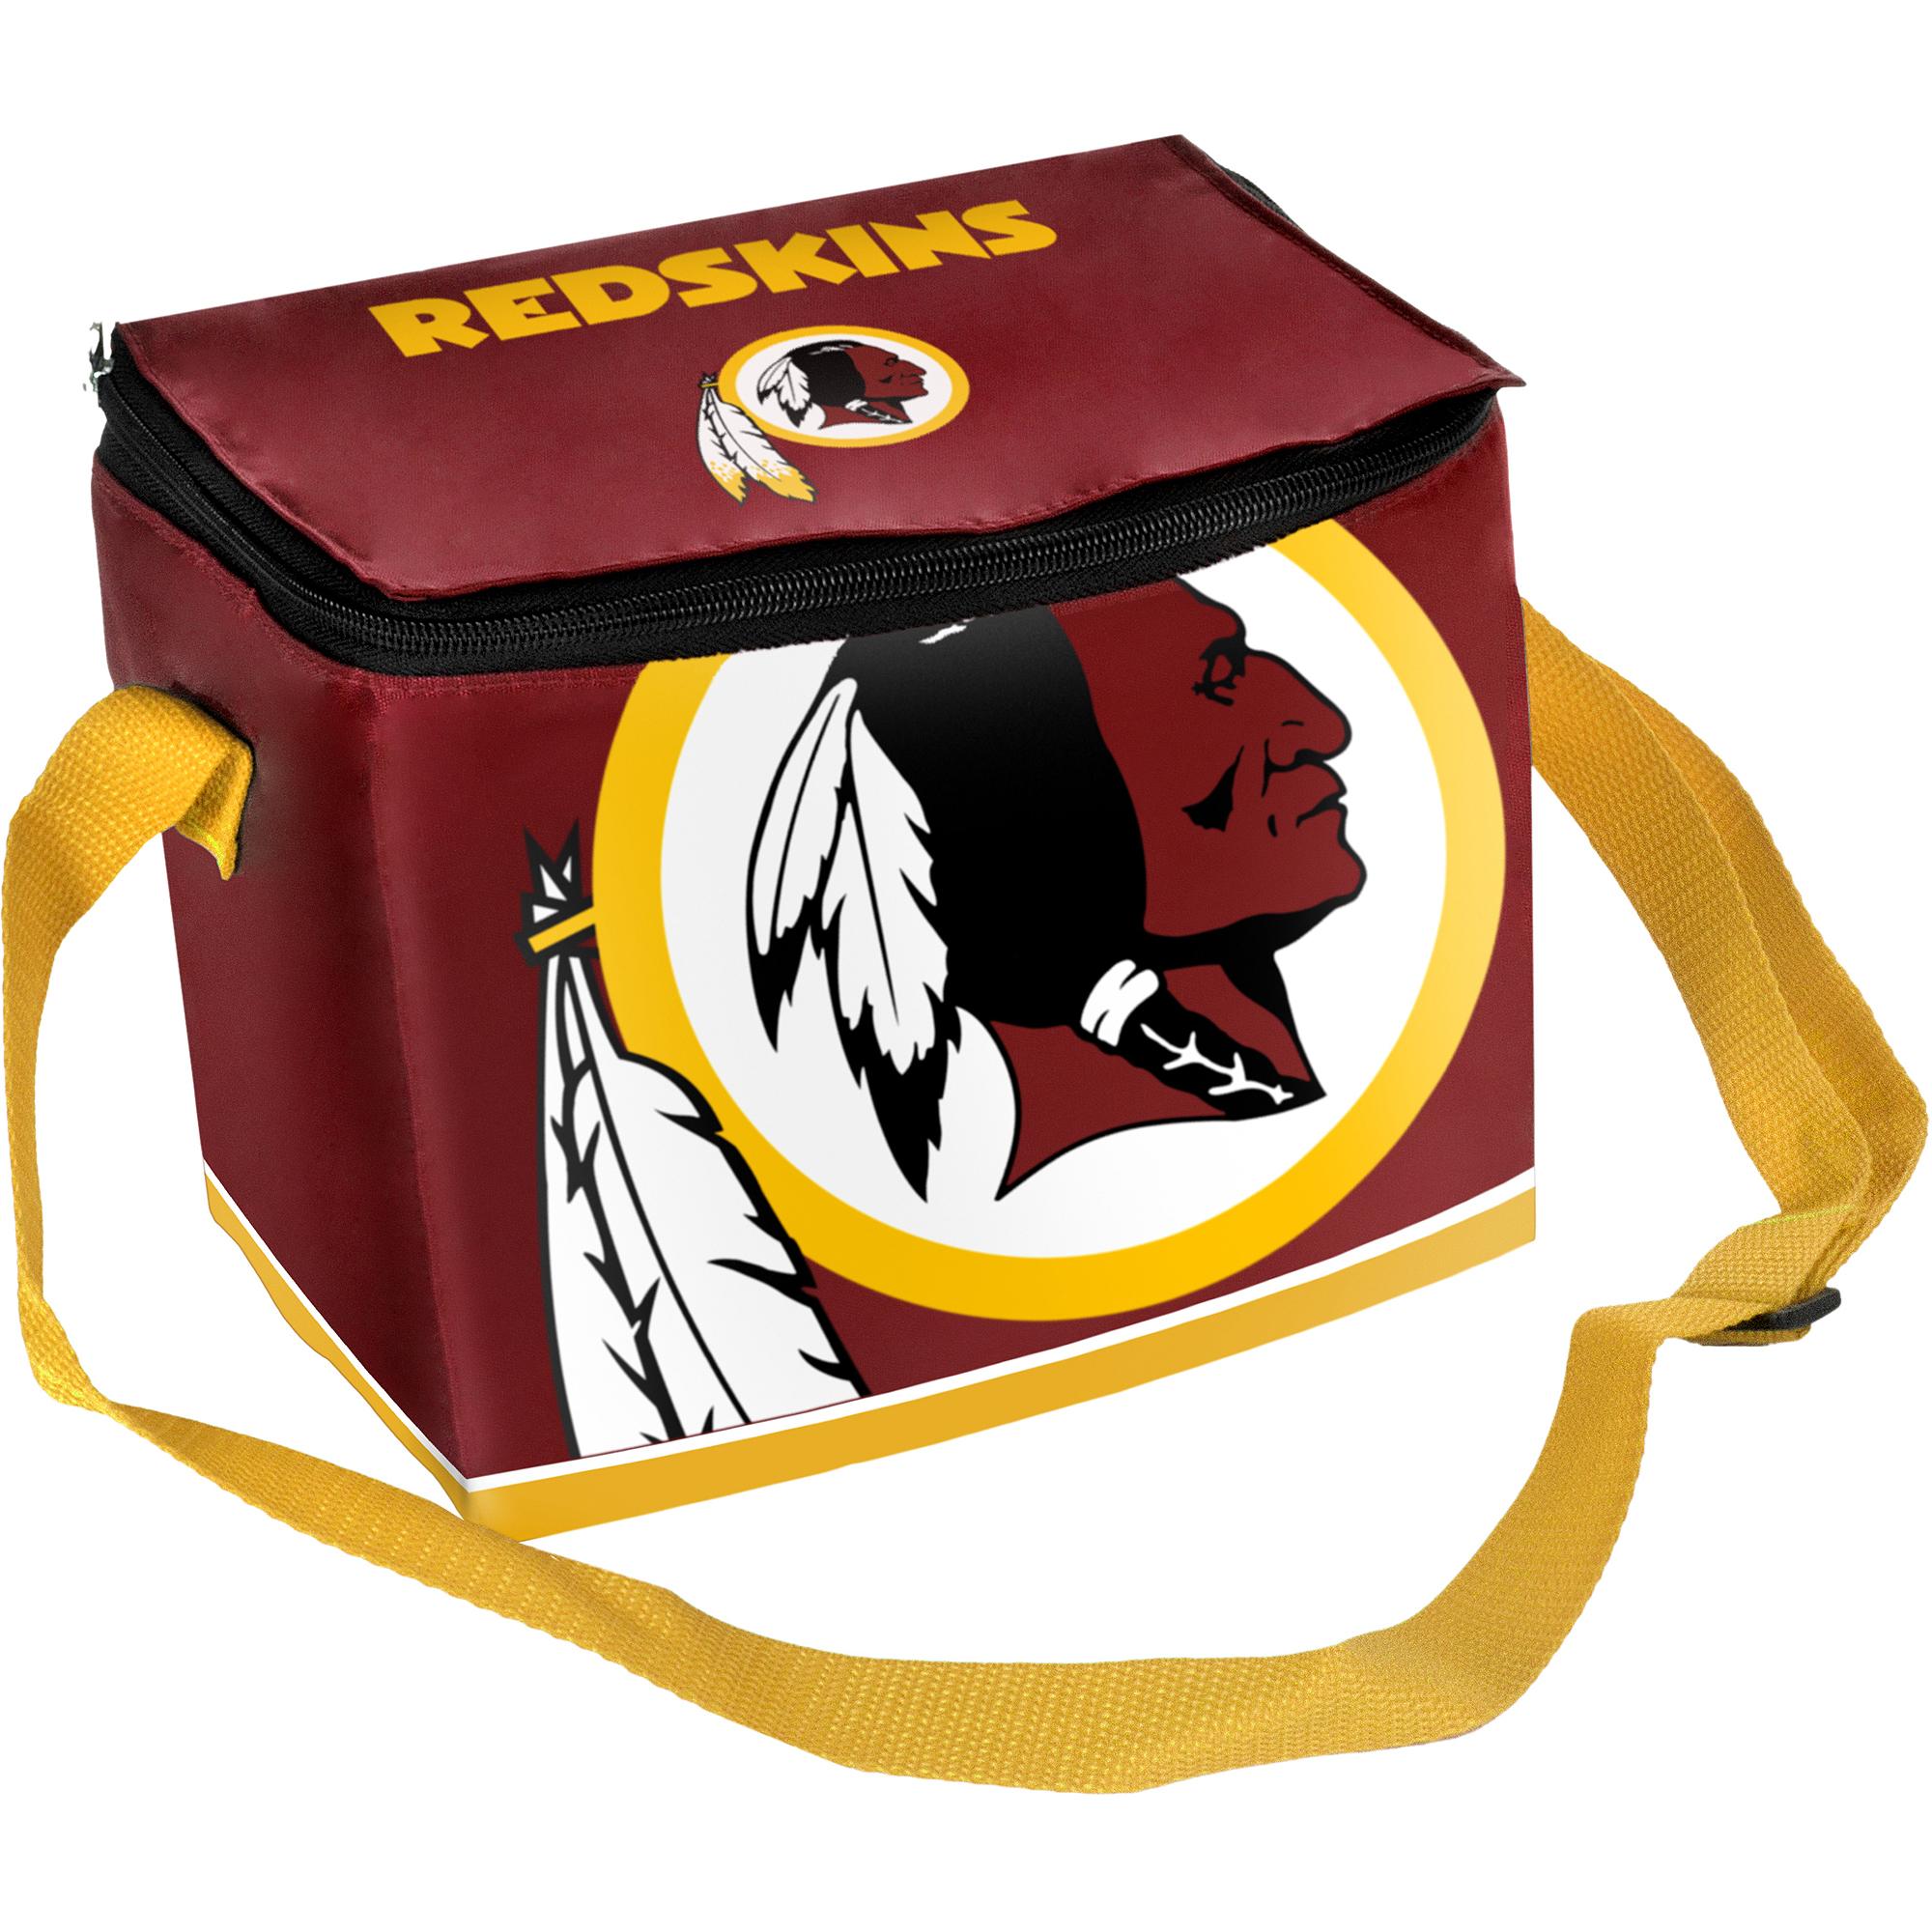 NFL Zipper Lunch Bag - Washington Redskins